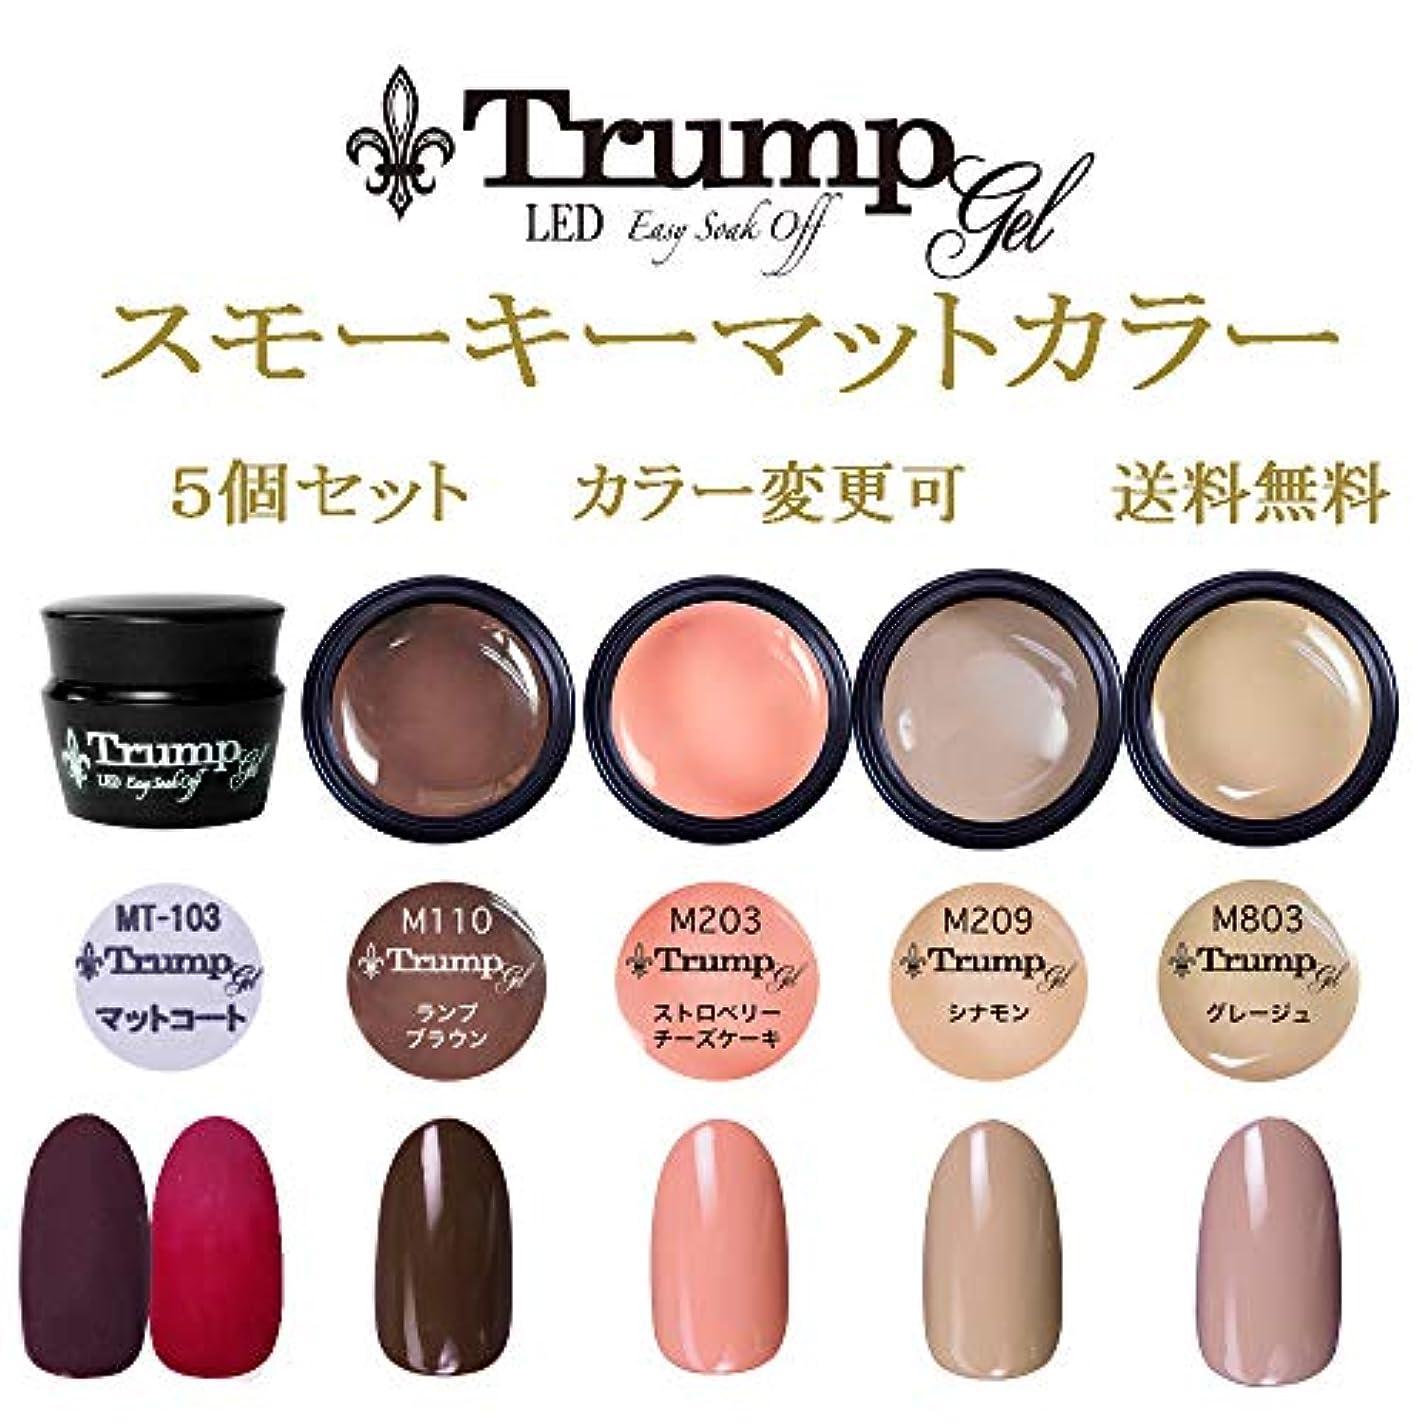 【送料無料】日本製 Trump gel トランプジェル スモーキーマット カラージェル 5個セット 魅惑のフロストマットトップとマットに合う人気カラーをチョイス